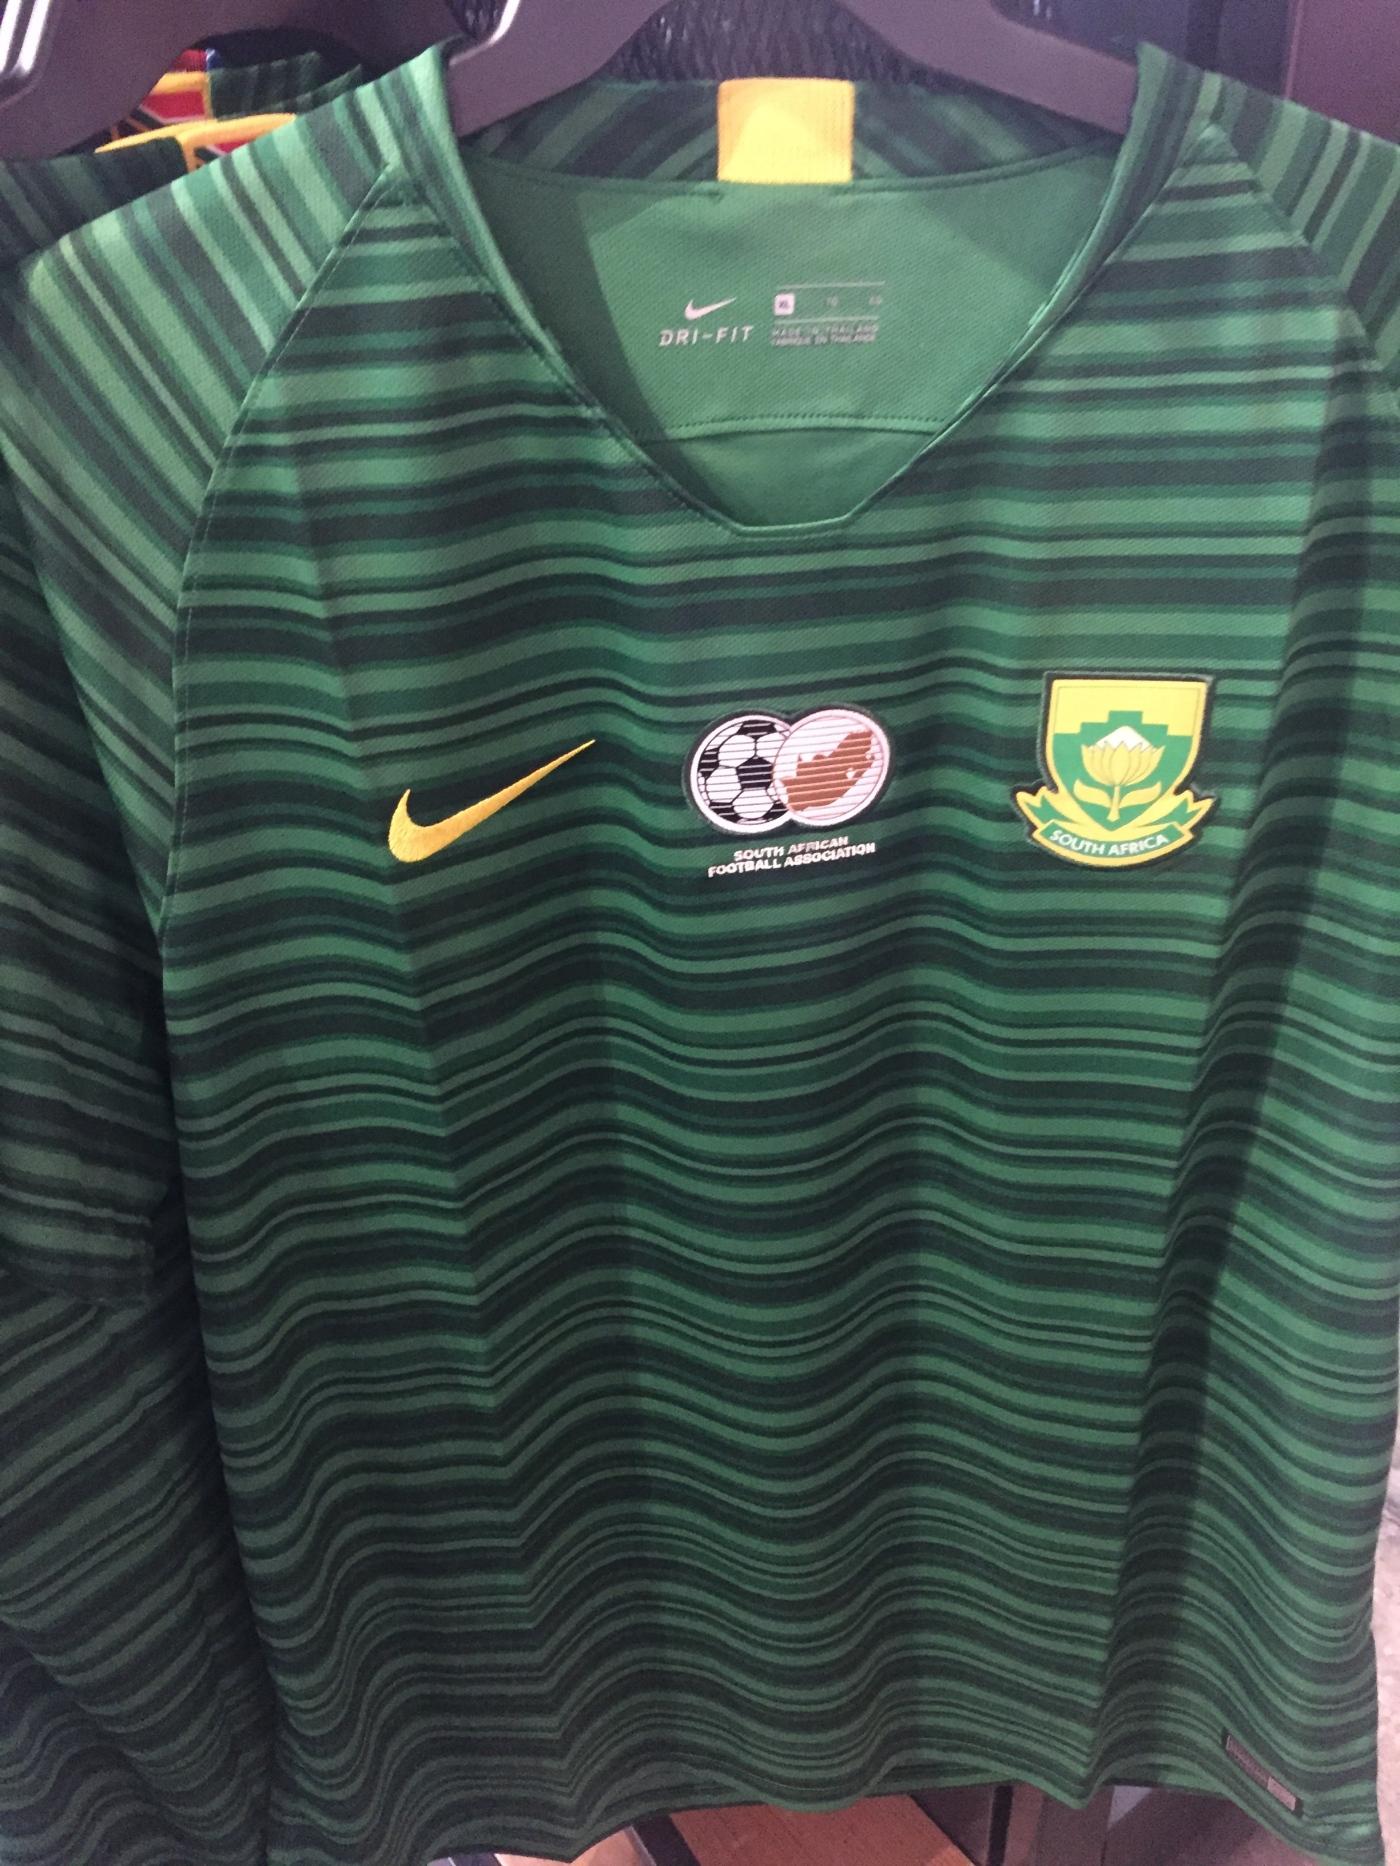 71318528d2e Nike Non World Cup Jerseys 2018 South Africa Away Kit New Shark City